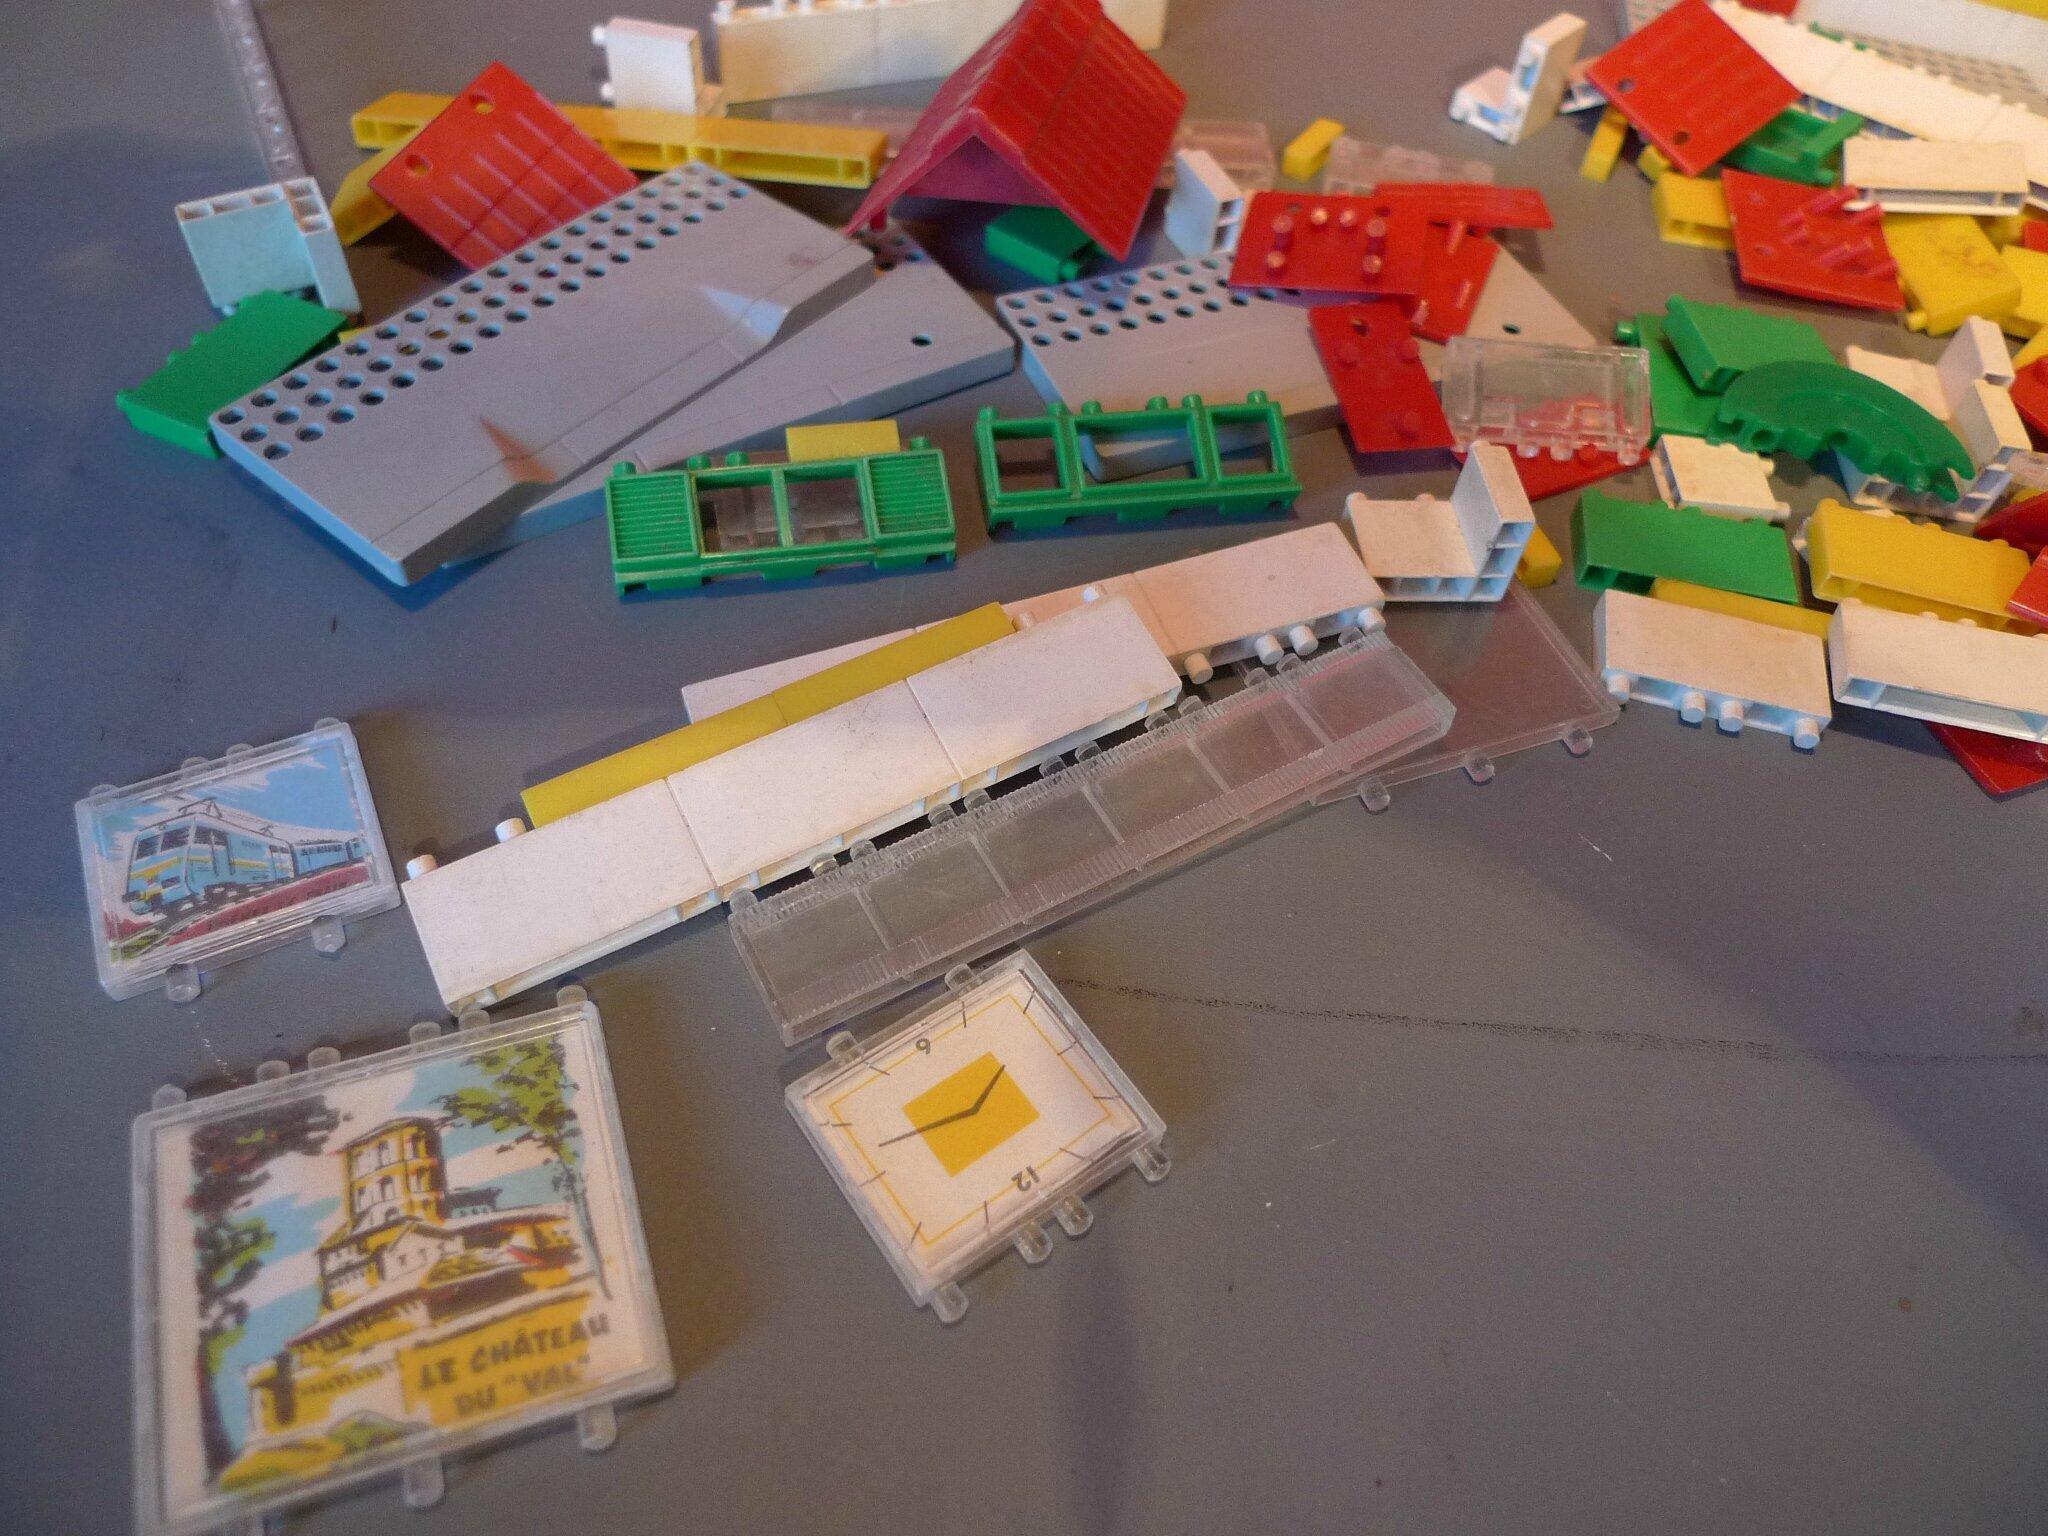 Magiques Concurrant Lego 60Un Années Géant Pierres Des Du FK1lJcT